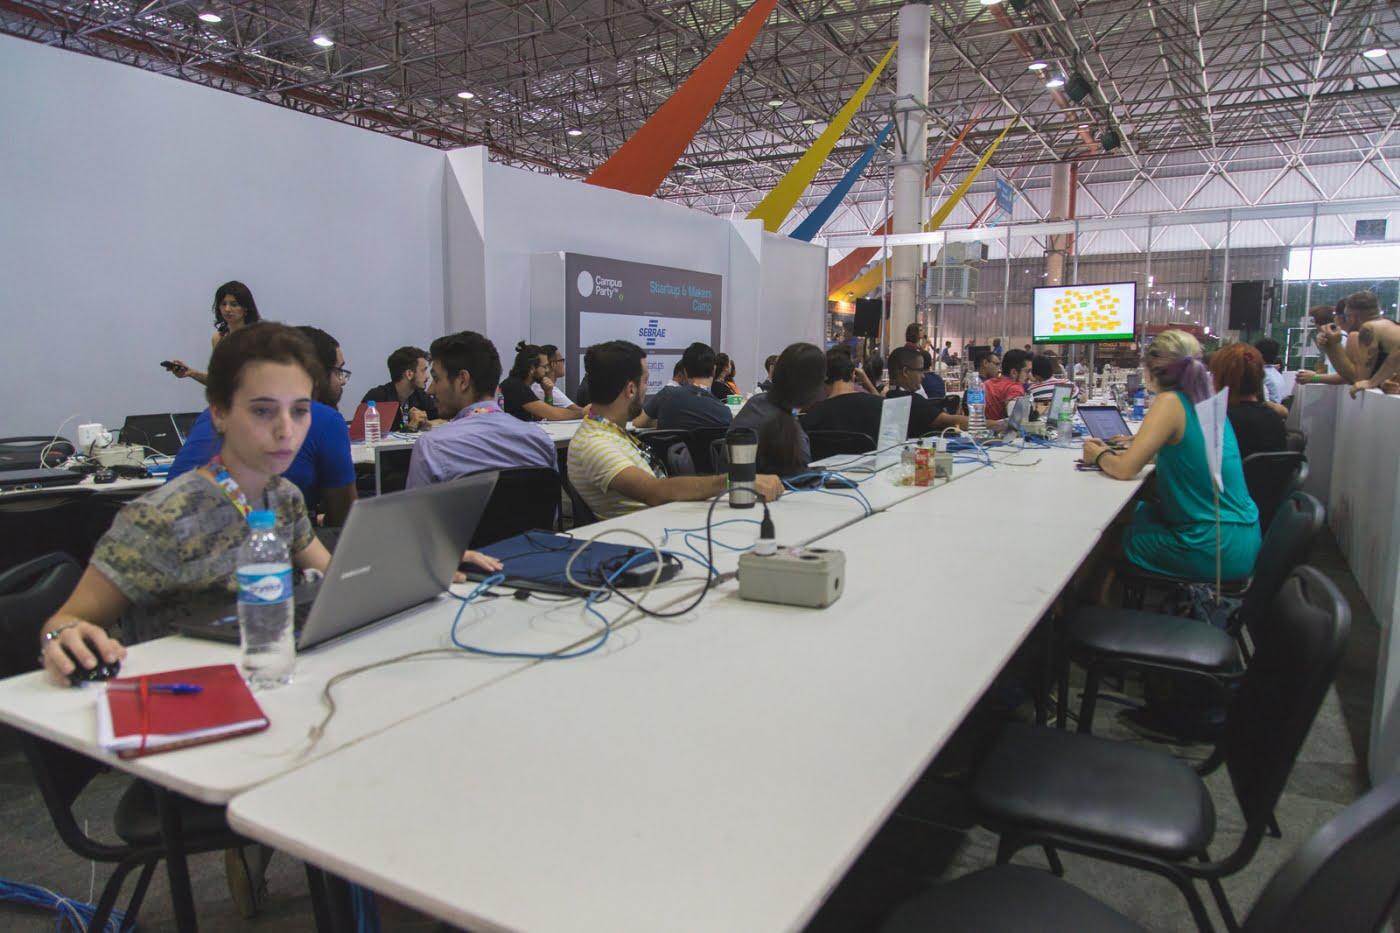 Área dedicada a startups e makers é um dos destaques desta edição da feira